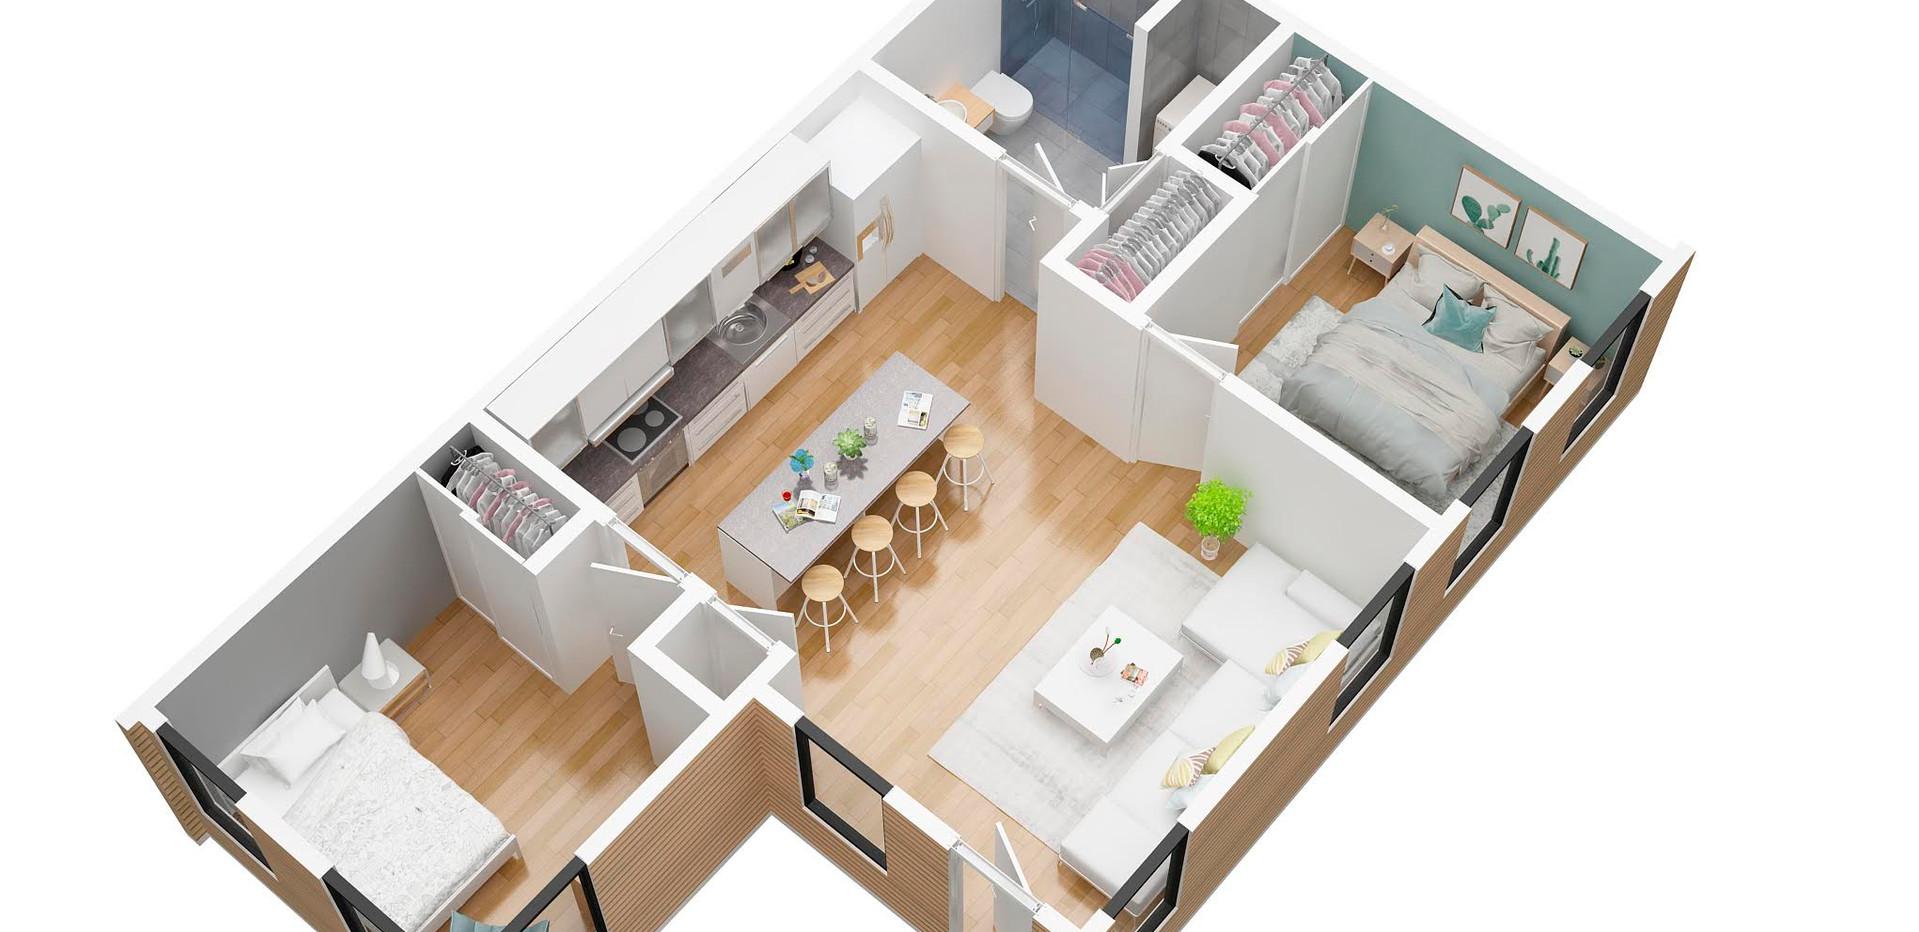 felixleblanc_floor plan v1_3D Floorplan